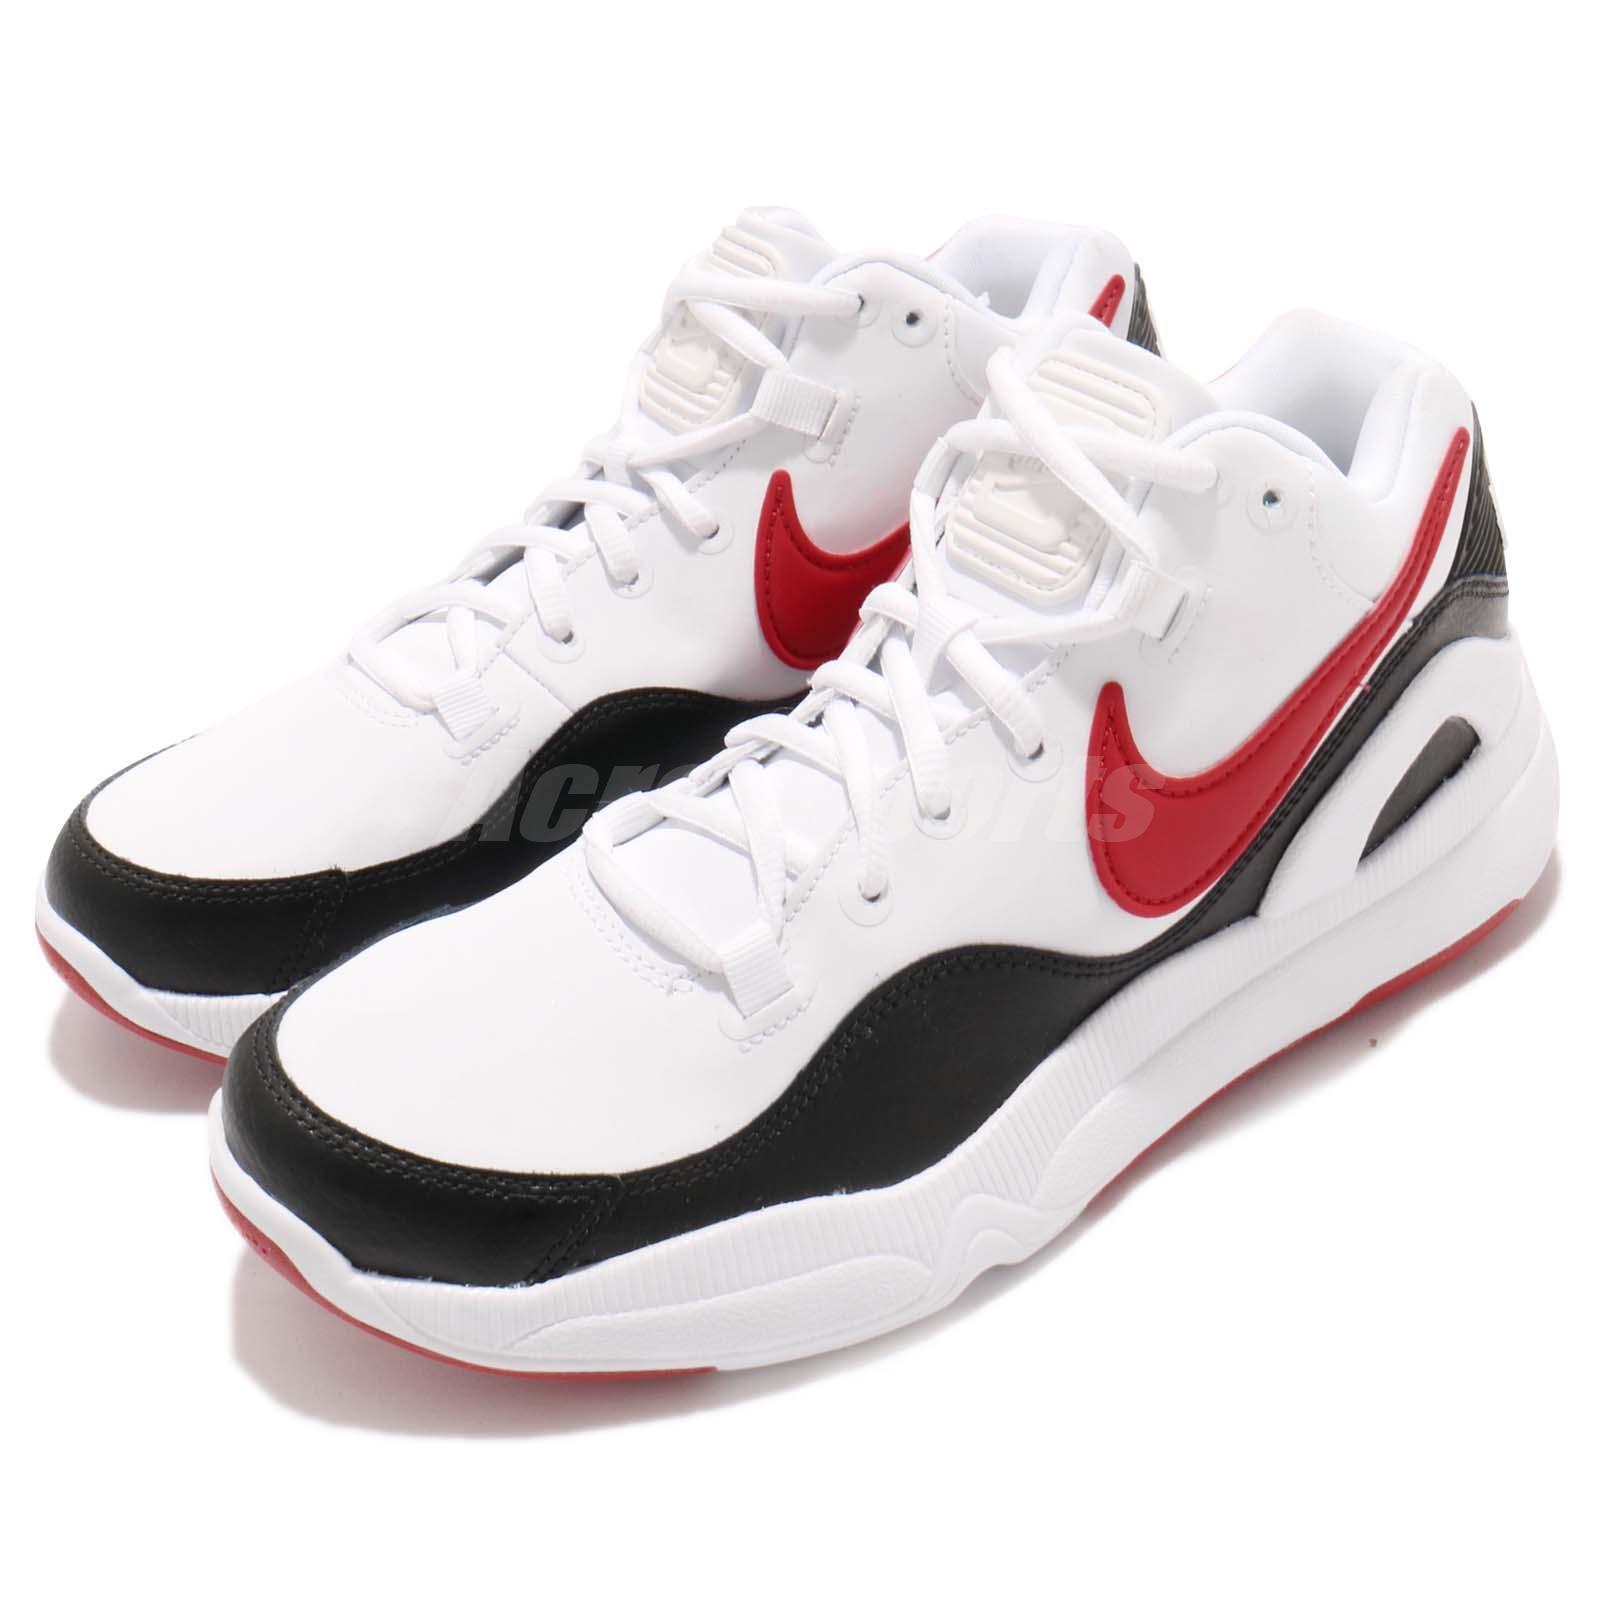 Nike Dilatta University  Rojo Blanco Negro Hombre casuales Zapatos  University Zapatillas AA22018102 f09421